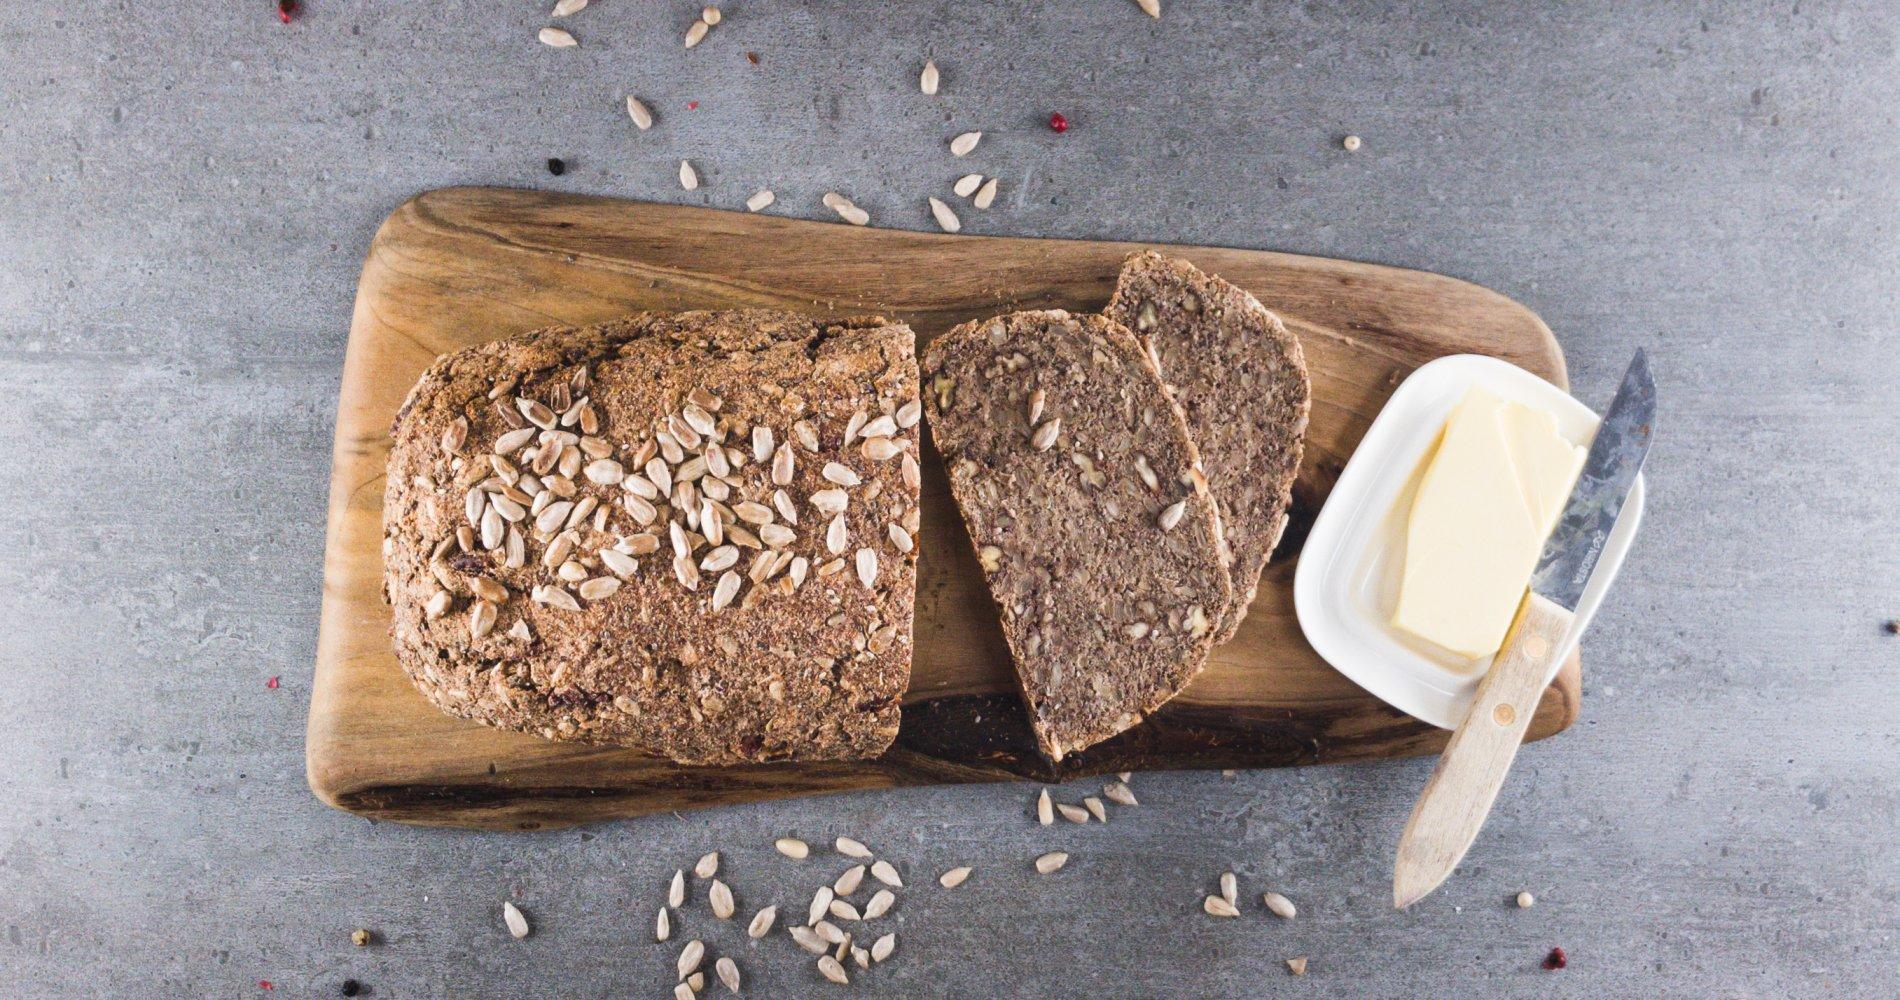 Low Carb: Körnernussbrot mit Kruste - Voller Geschmack aus Samen und Nüssen